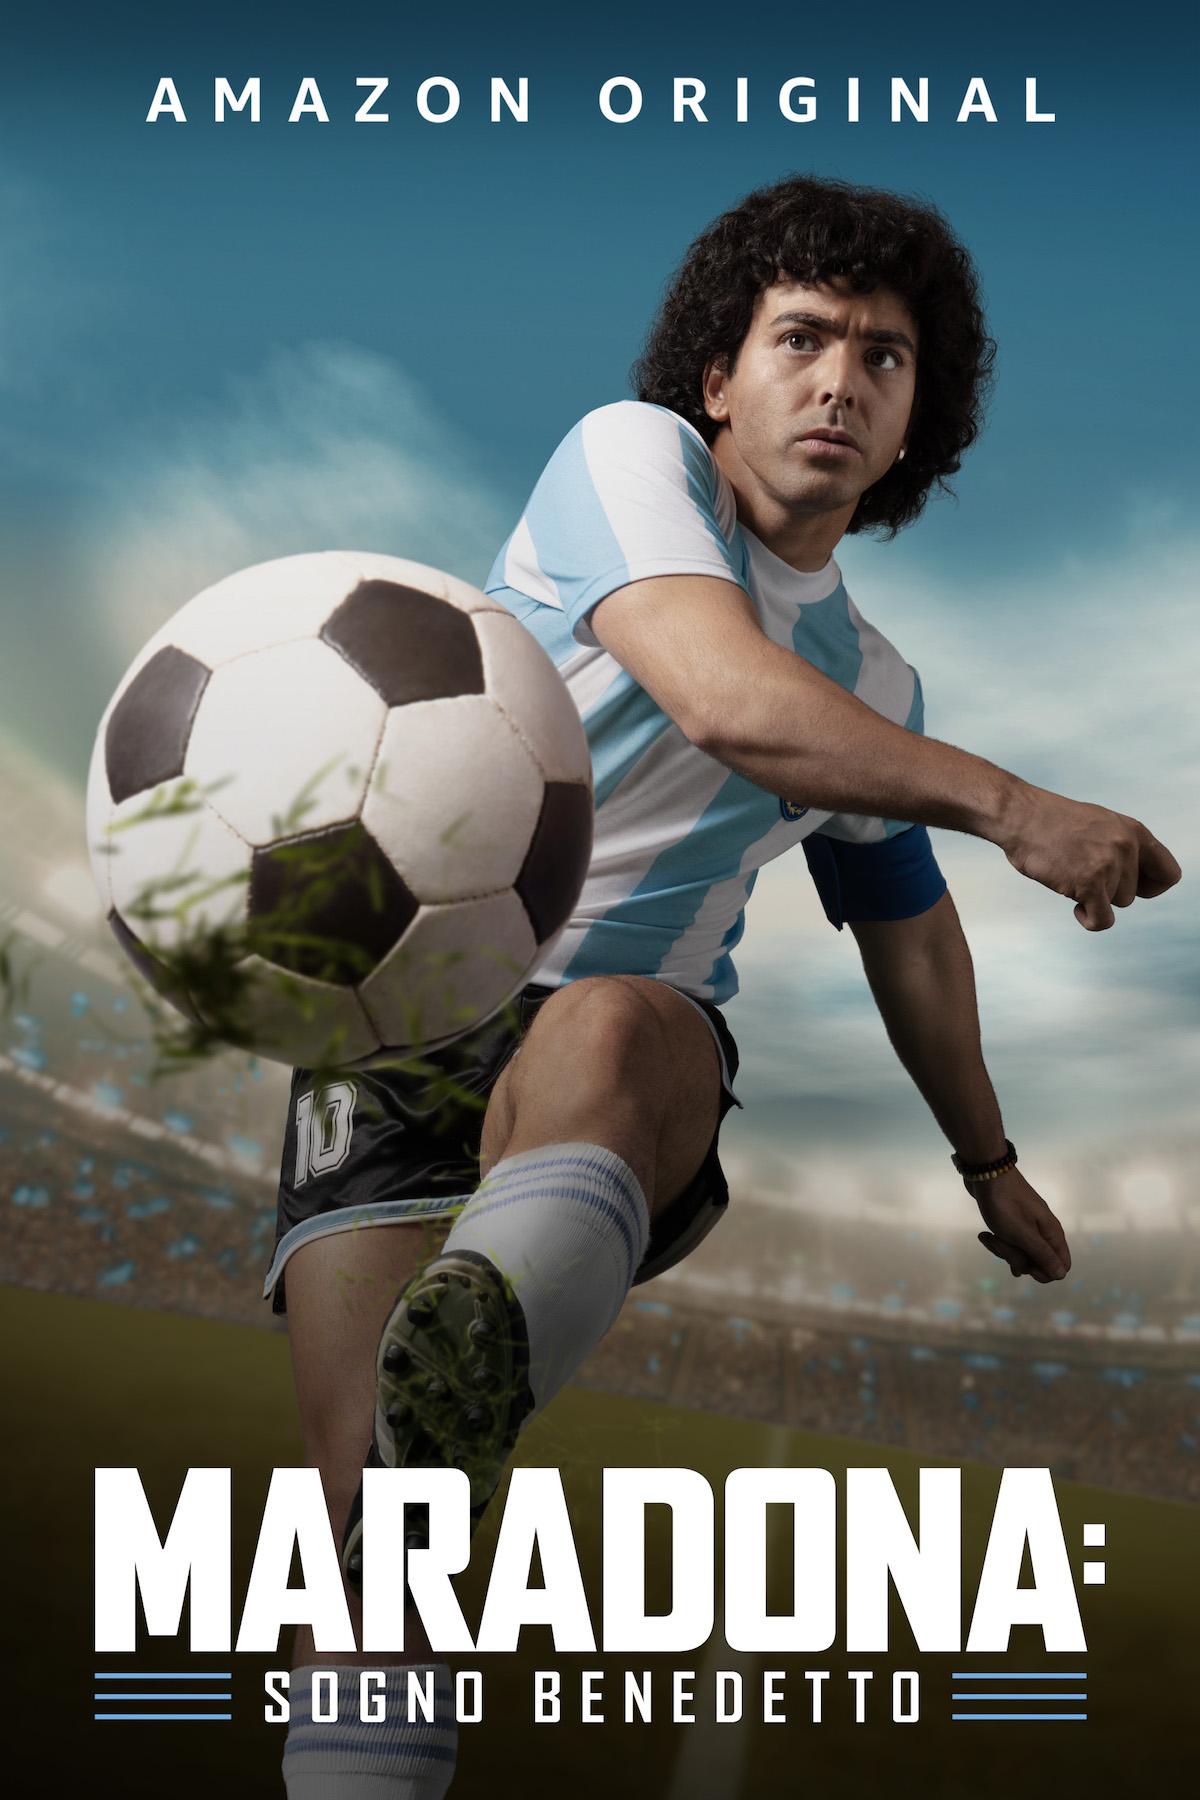 Maradona Sogno Benedetto 02